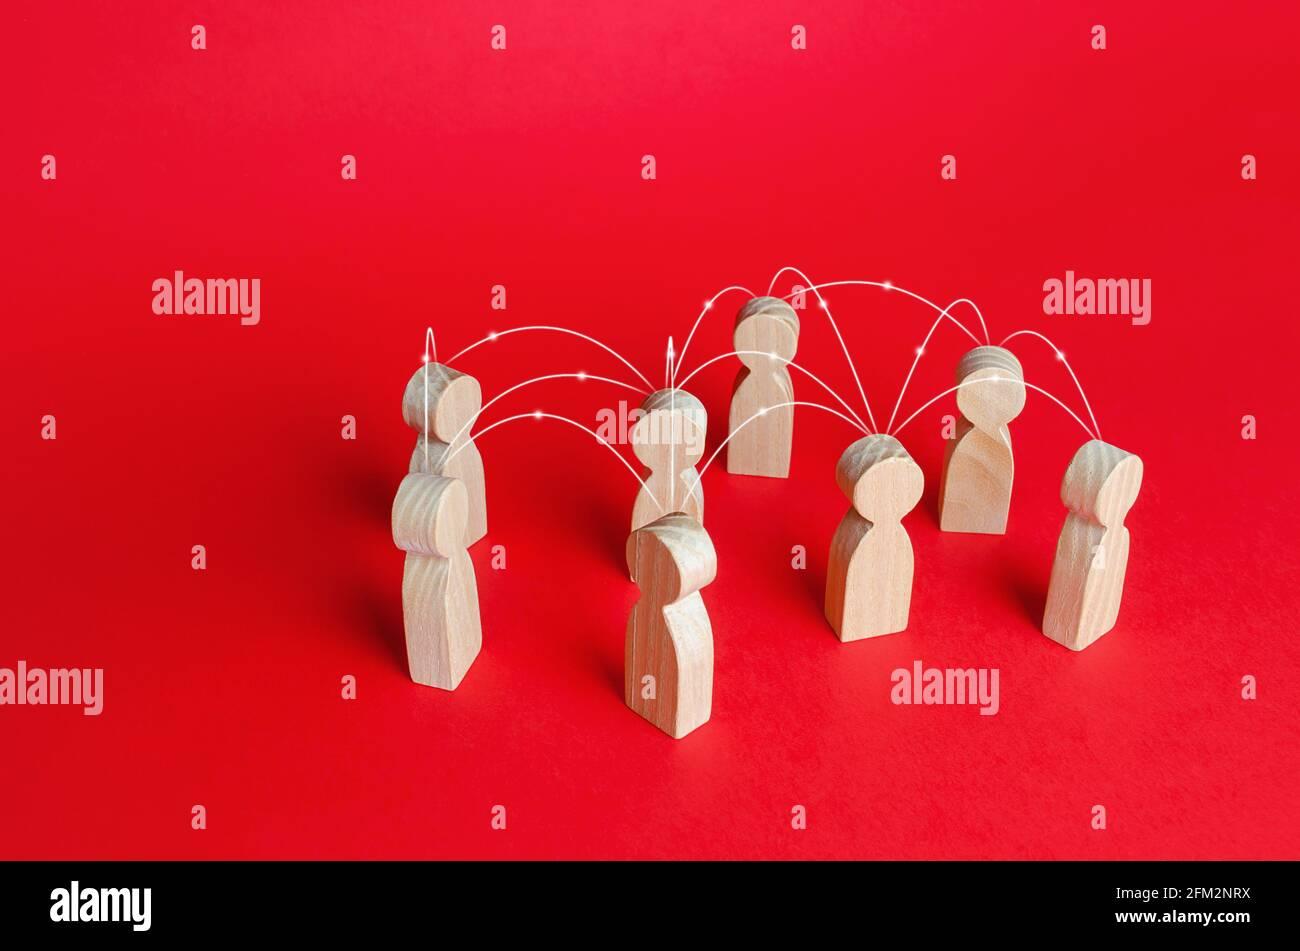 Grupo de personas conectadas por líneas. Red interconectada de relaciones de equipo. Comunicación, intercambio de información. Cooperación y colaboración. Foto de stock